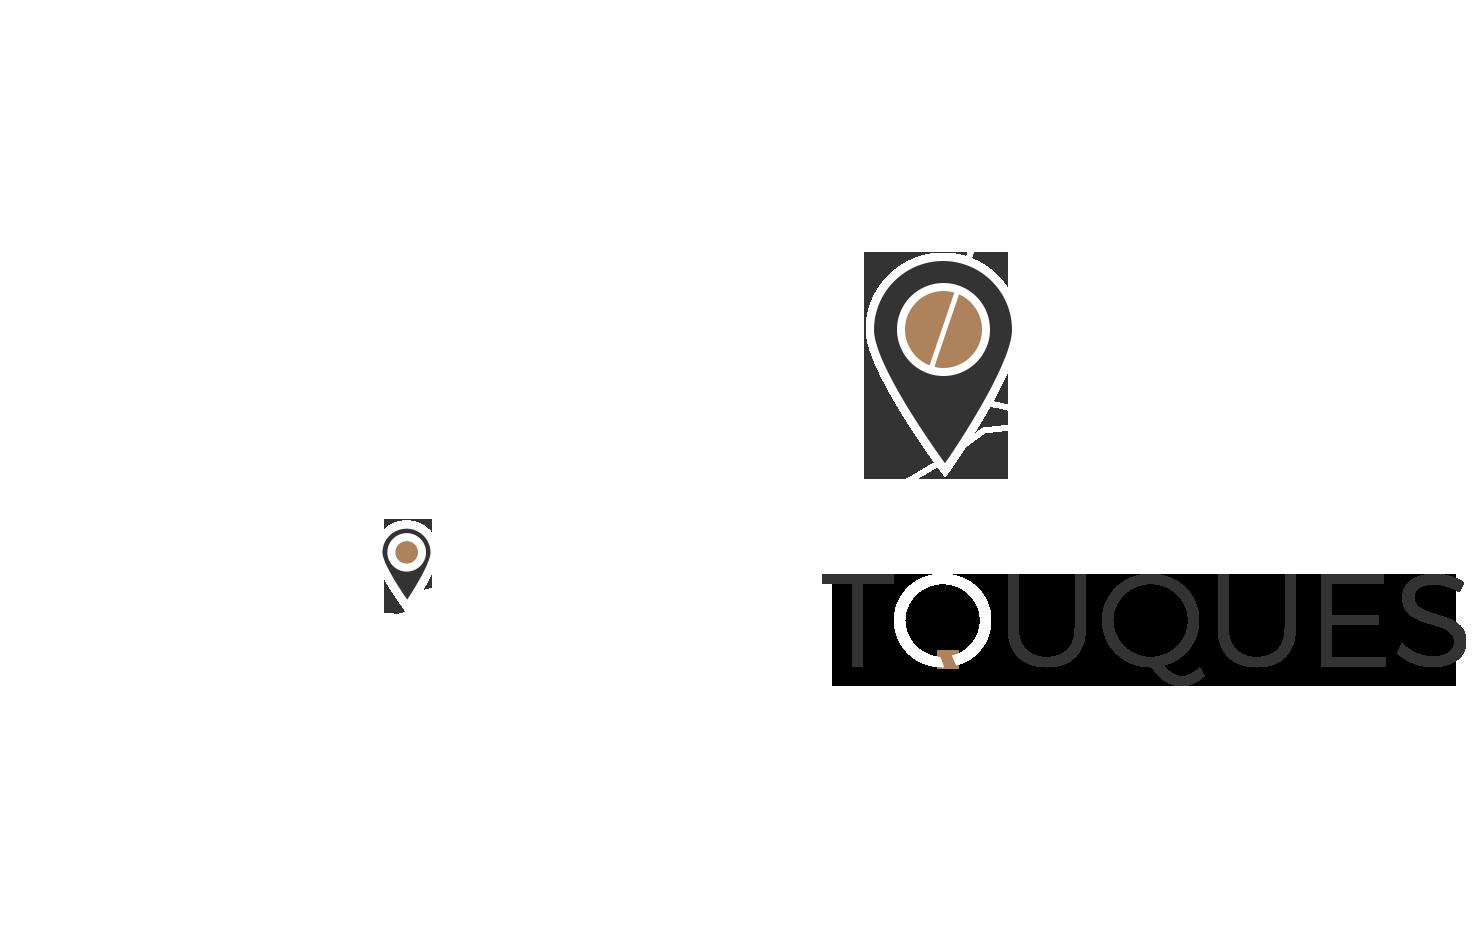 carte touques